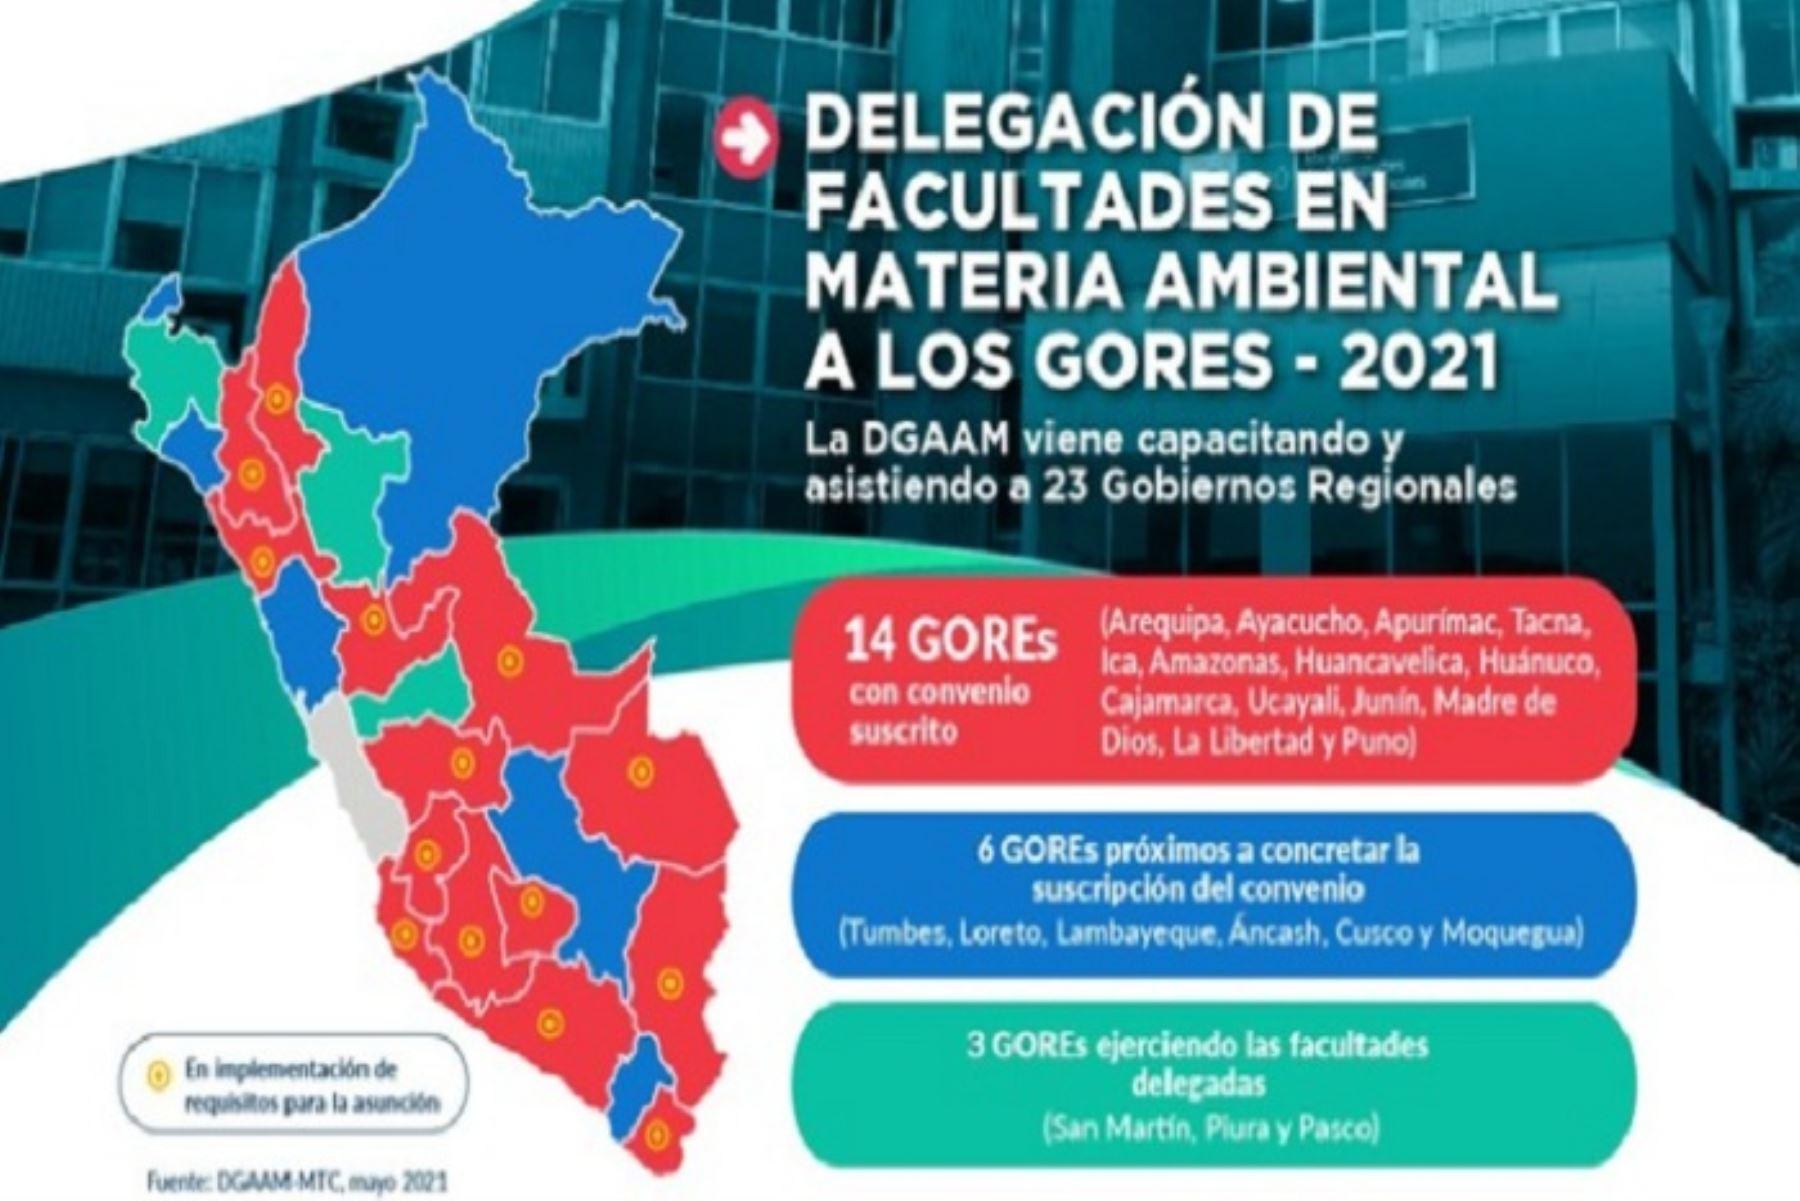 Dichas facultades estaban exclusivamente en manos del MTC,  pero ahora ya son 23 las autoridades regionales que también tienen estas funciones que evitará los viajes a Lima para realizar dichos trámites.